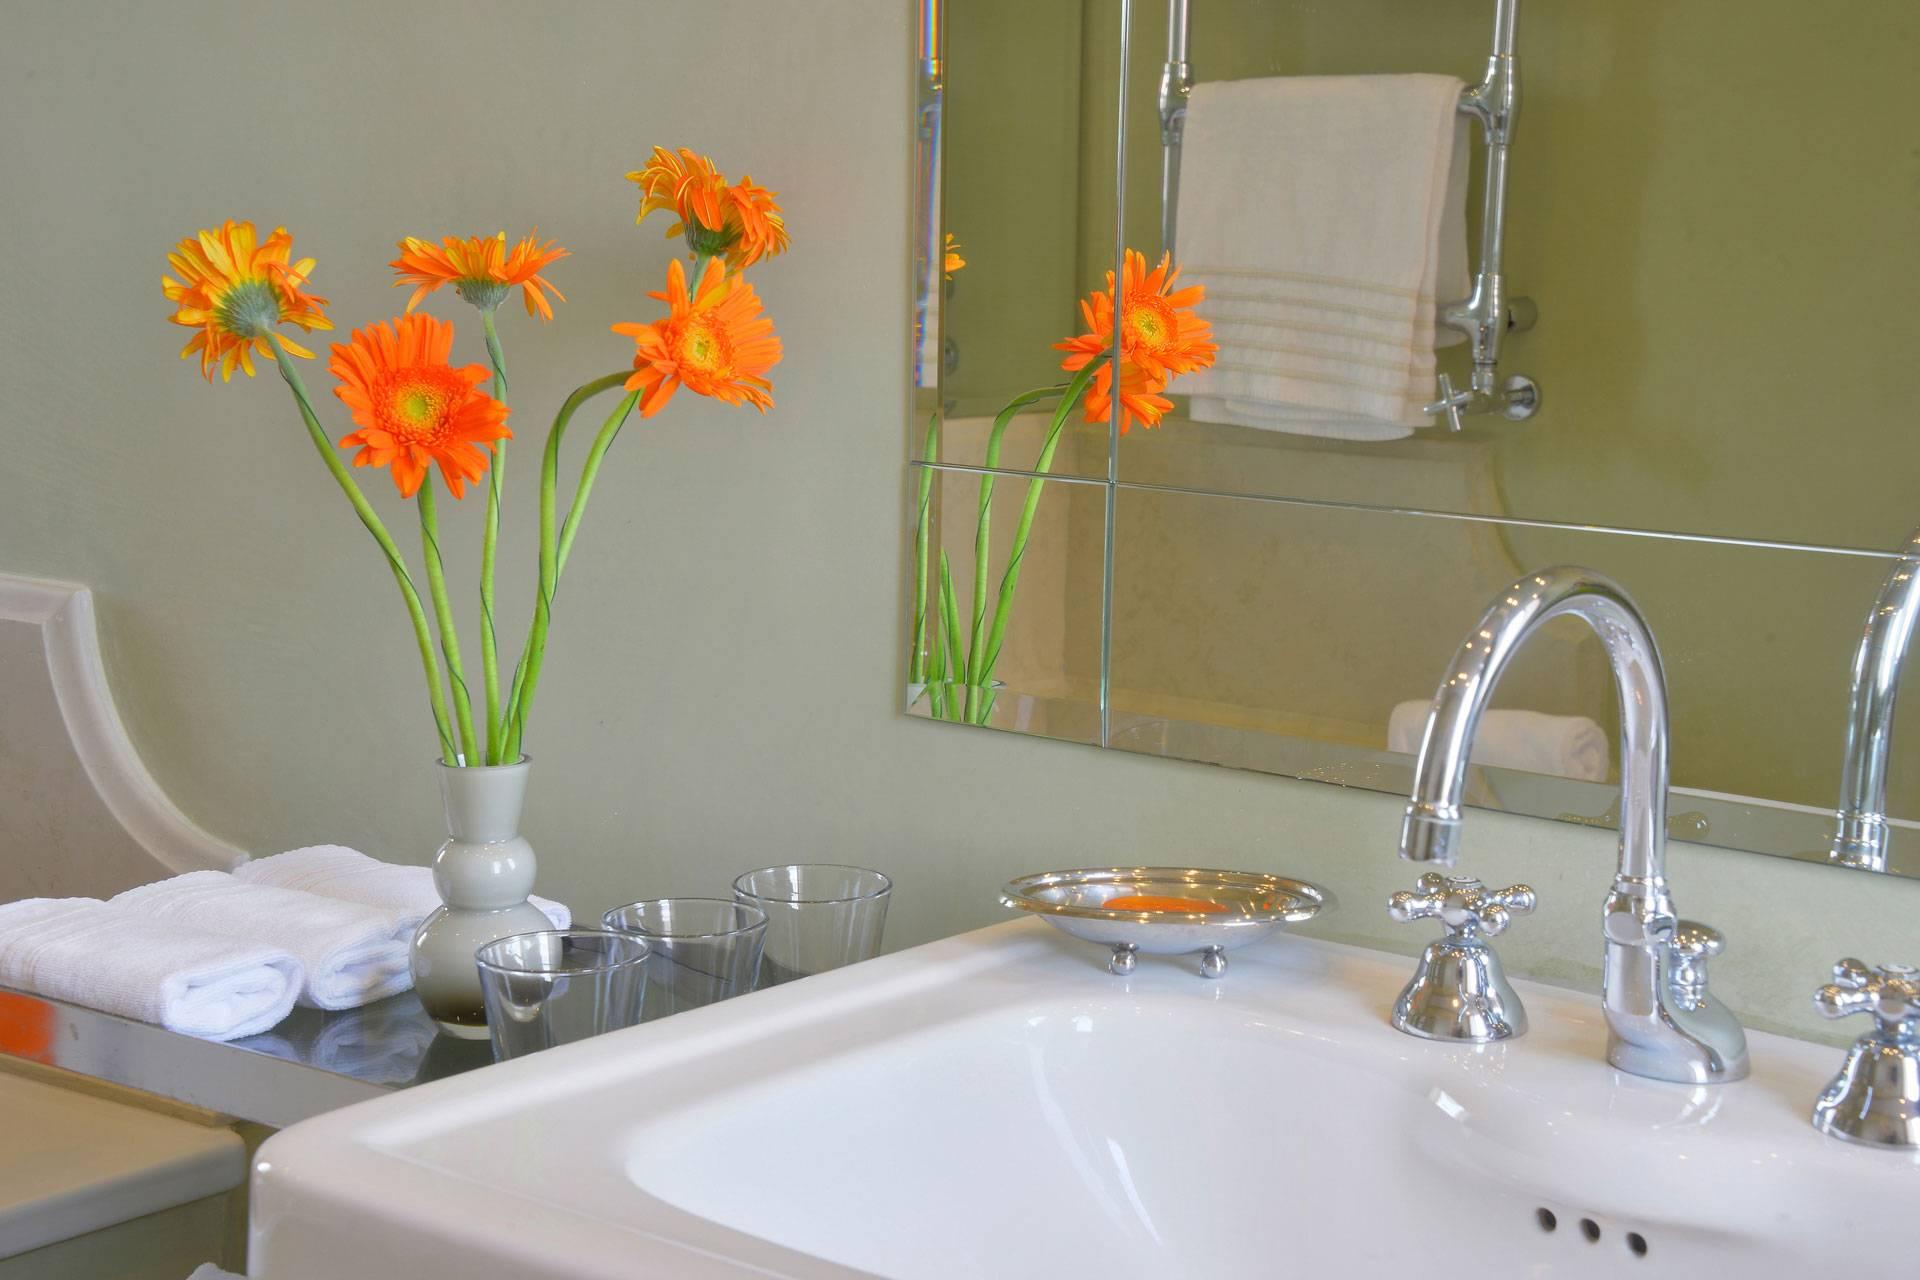 marble en-suite bathroom with bathtub